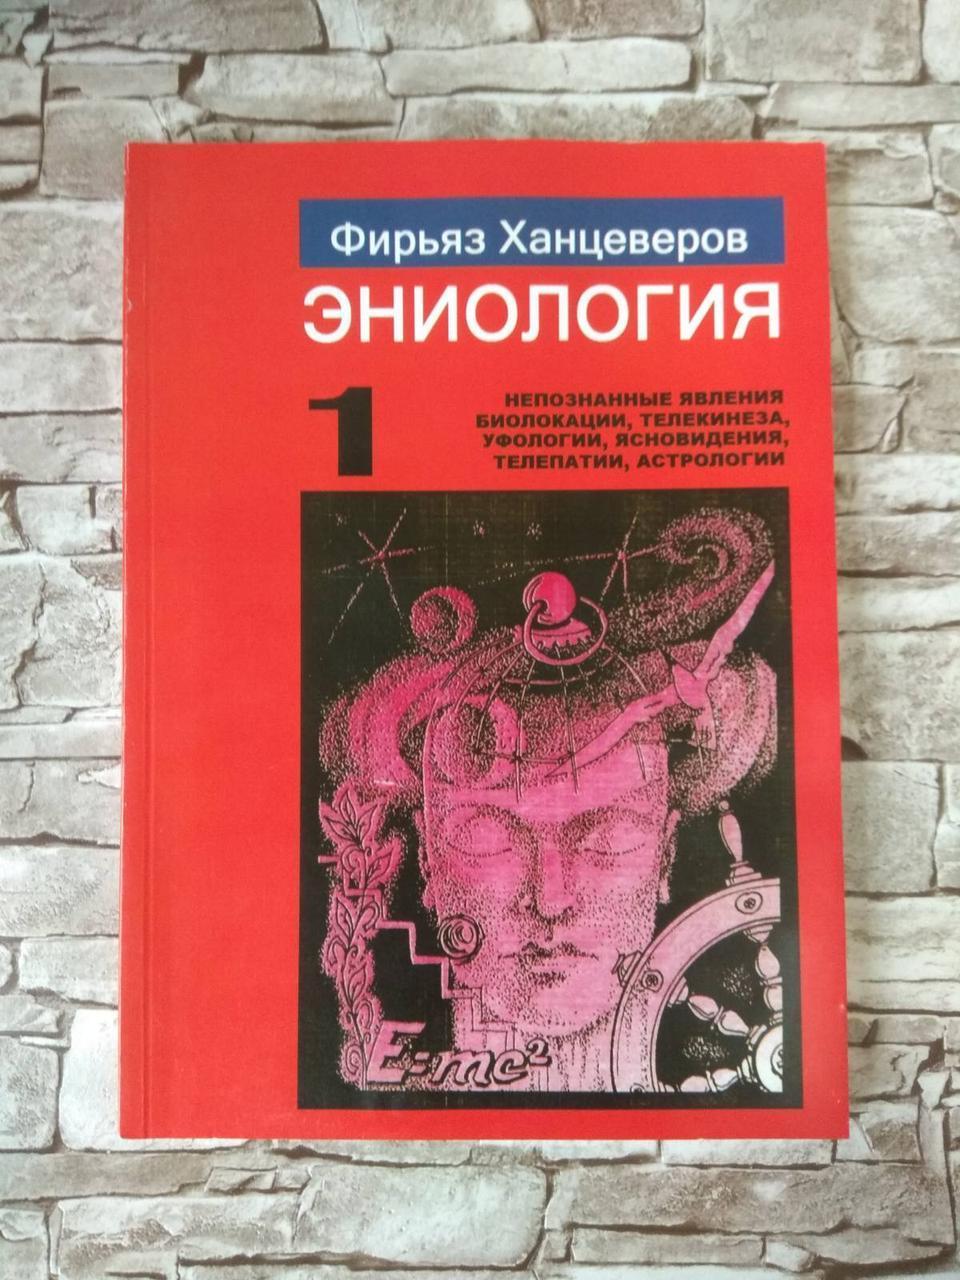 """Книга """"Эниология: непознанные явления биолокации, телекинеза, уфологиию..."""" Ханцеверов Фирьяз"""